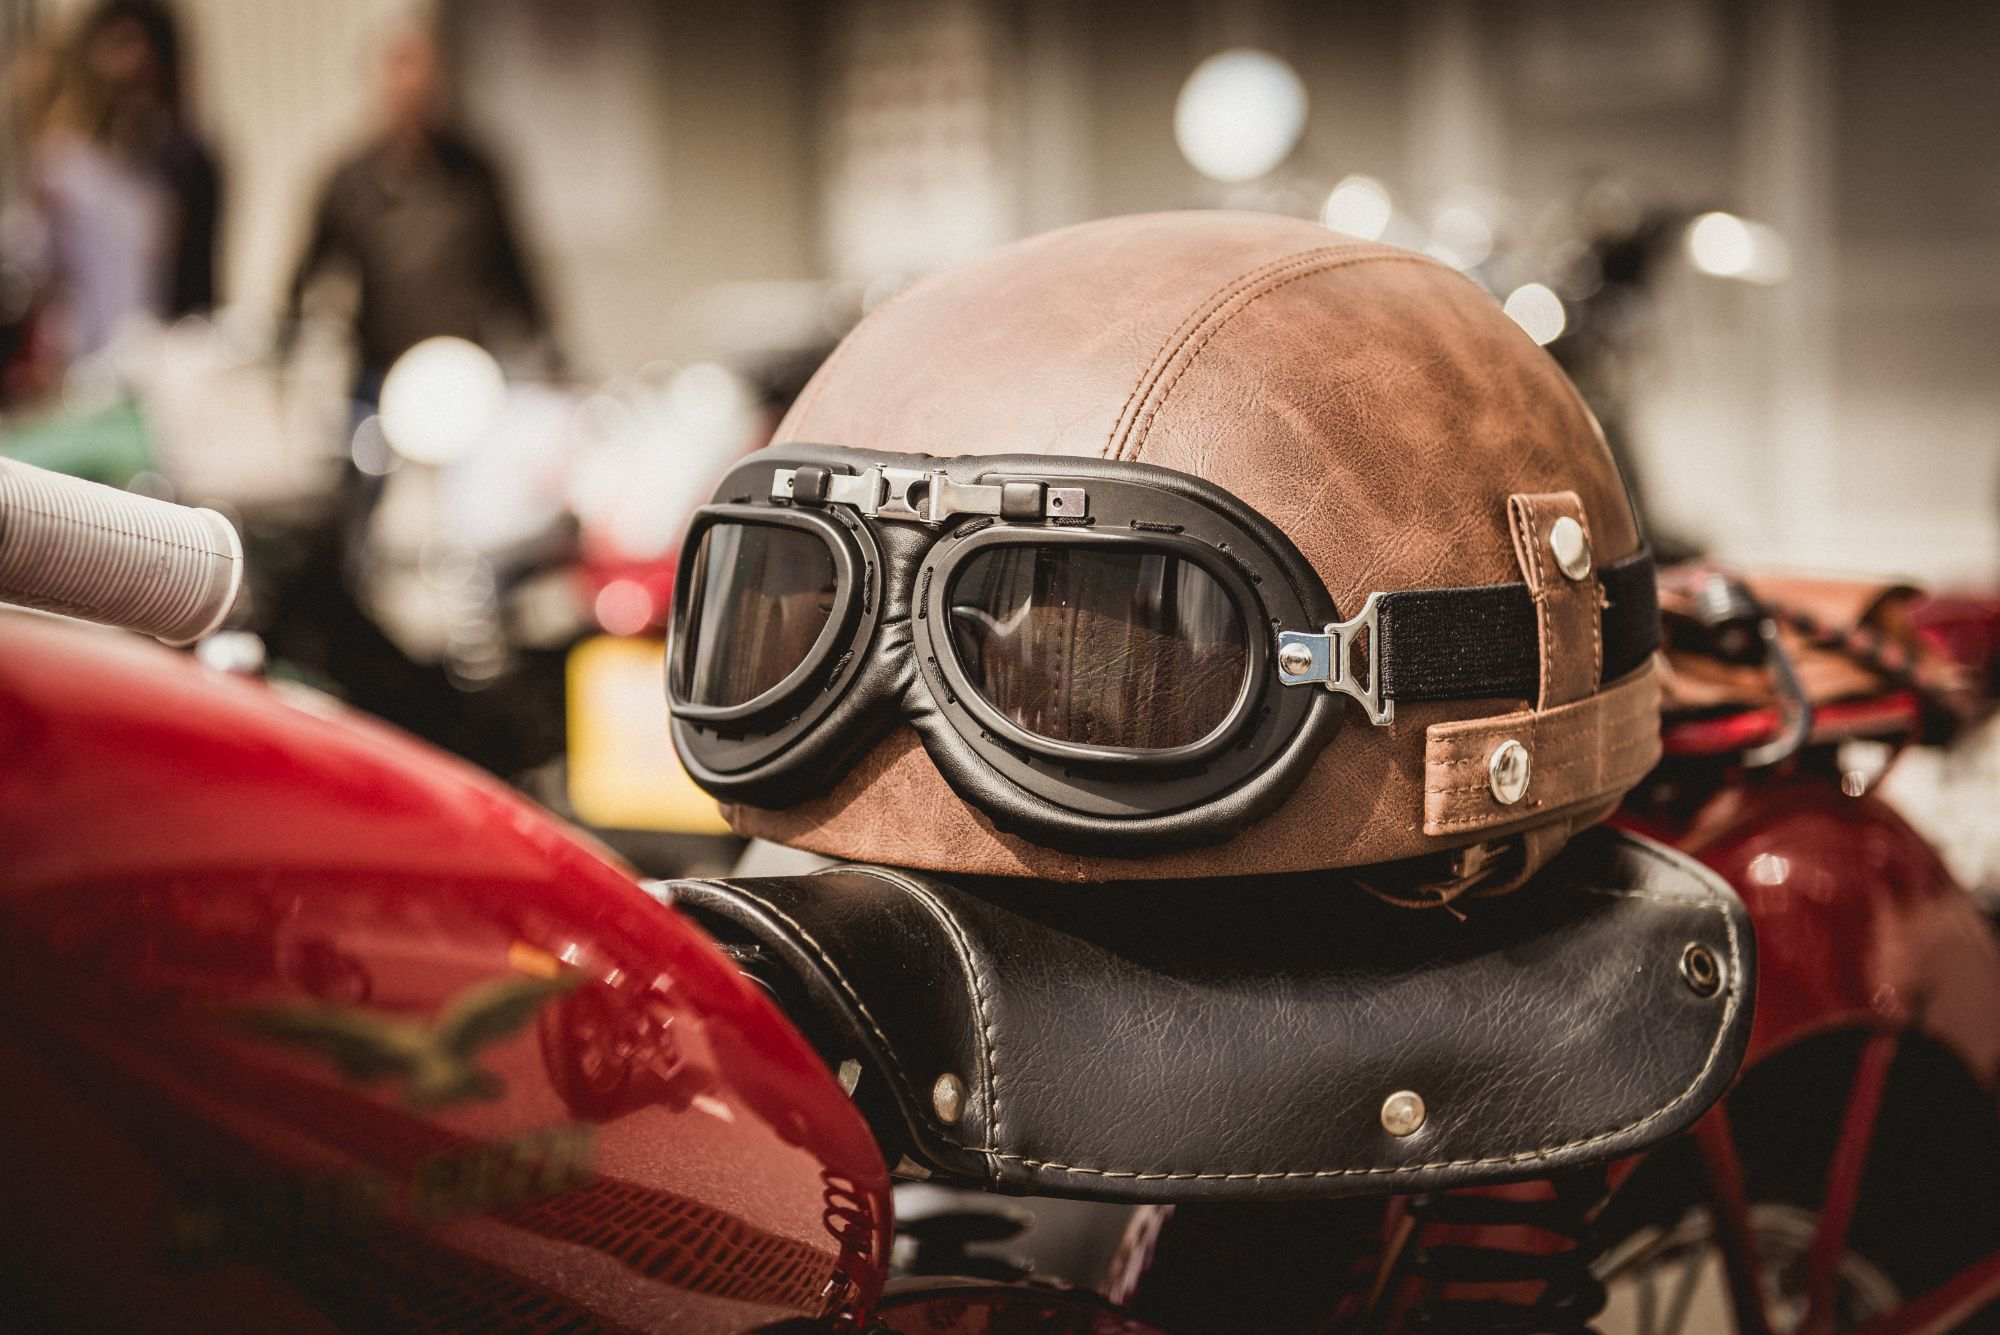 ハーレー乗りにおすすめのヘルメット特集